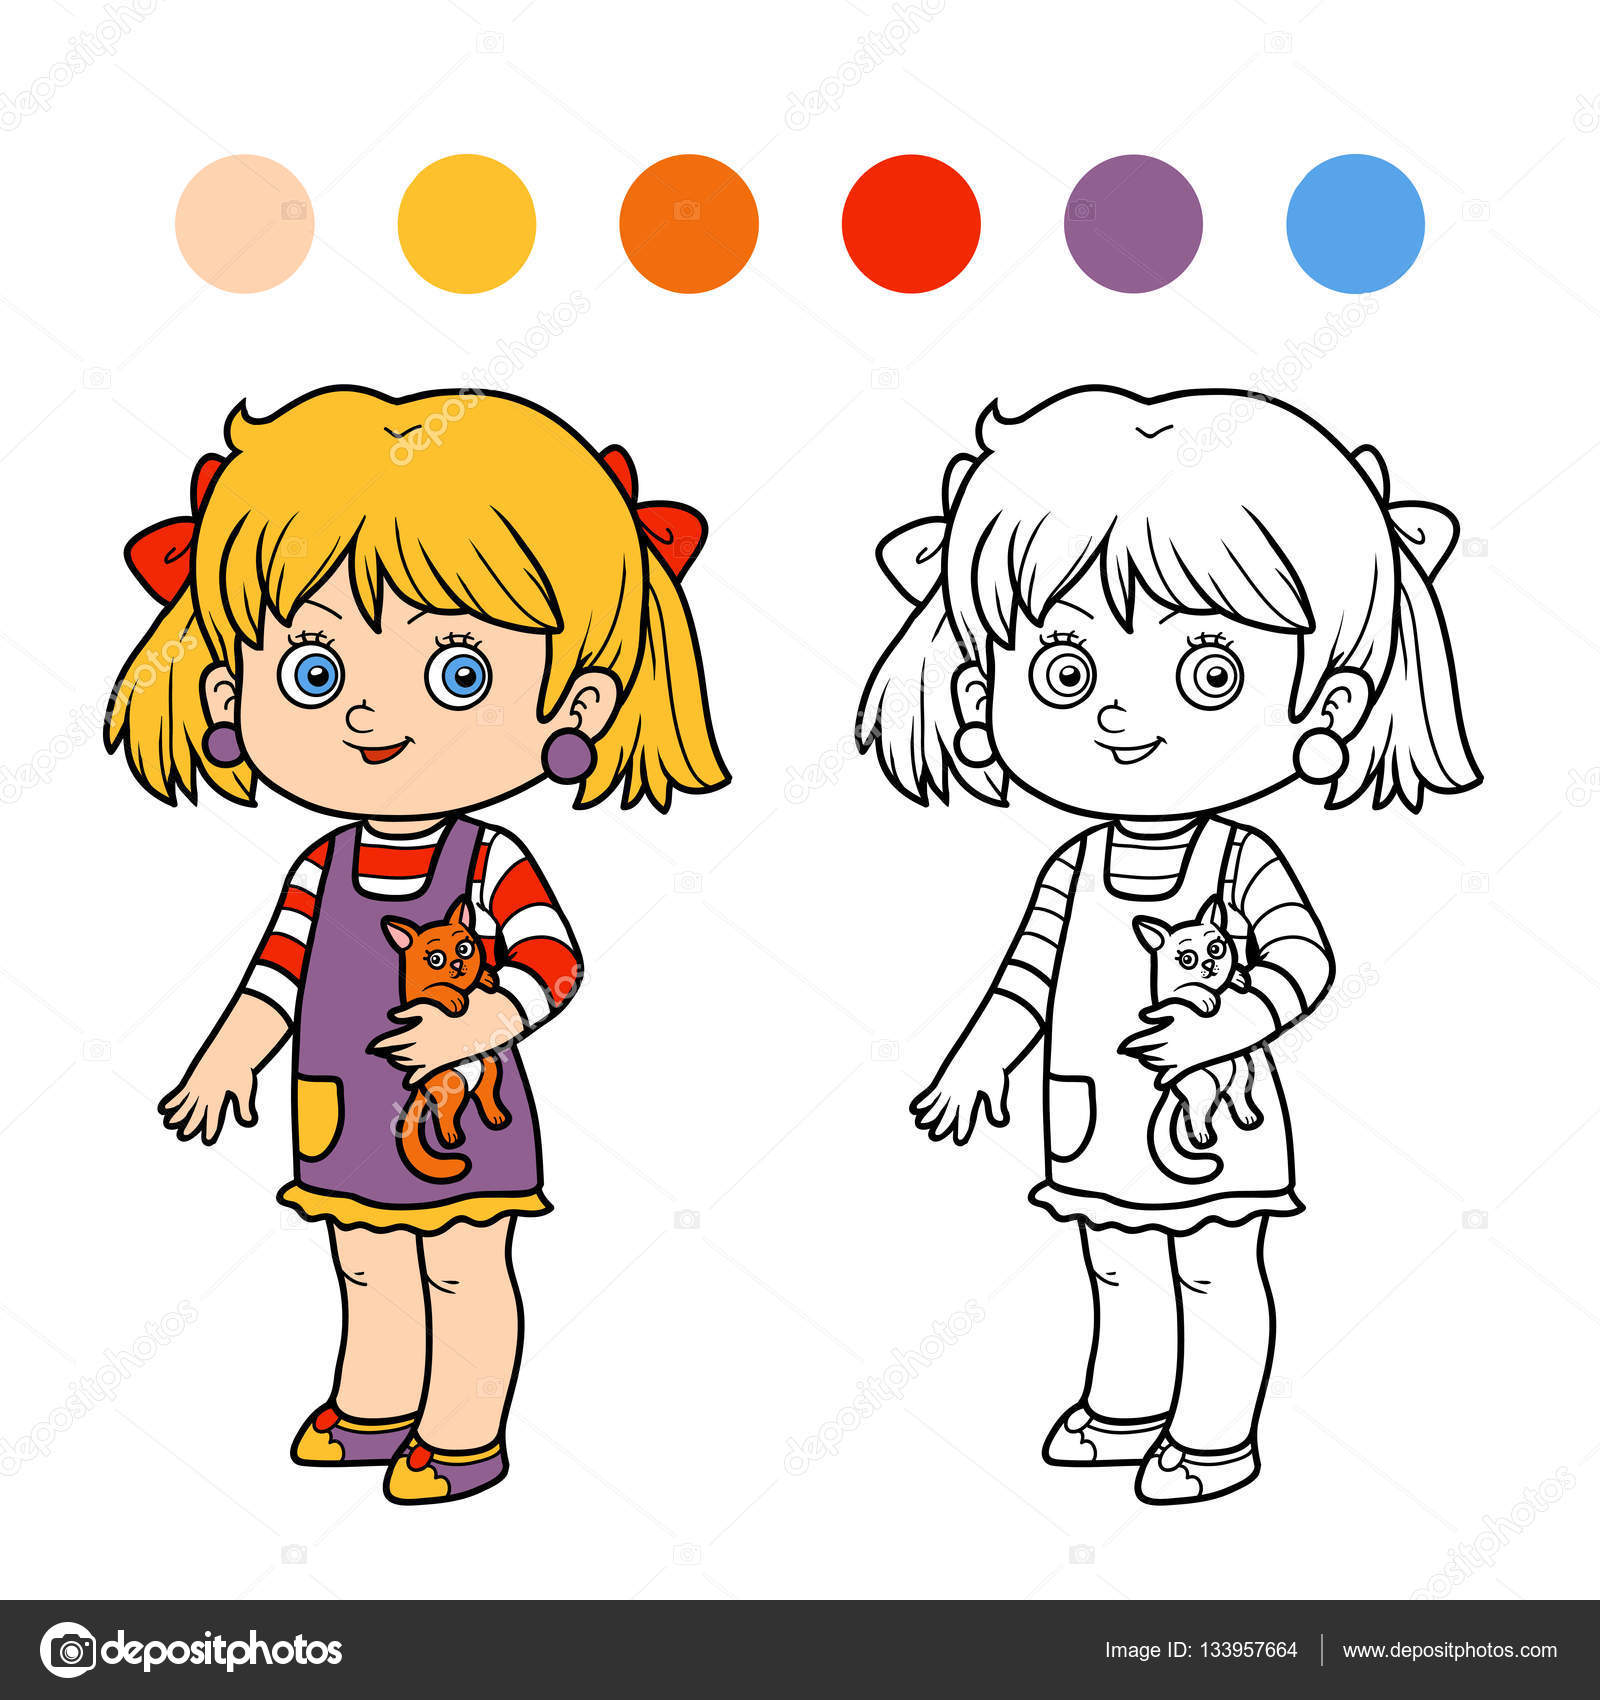 Coloriage Fille Avec Chat.Livre De Coloriage Fille Avec Un Chat Image Vectorielle